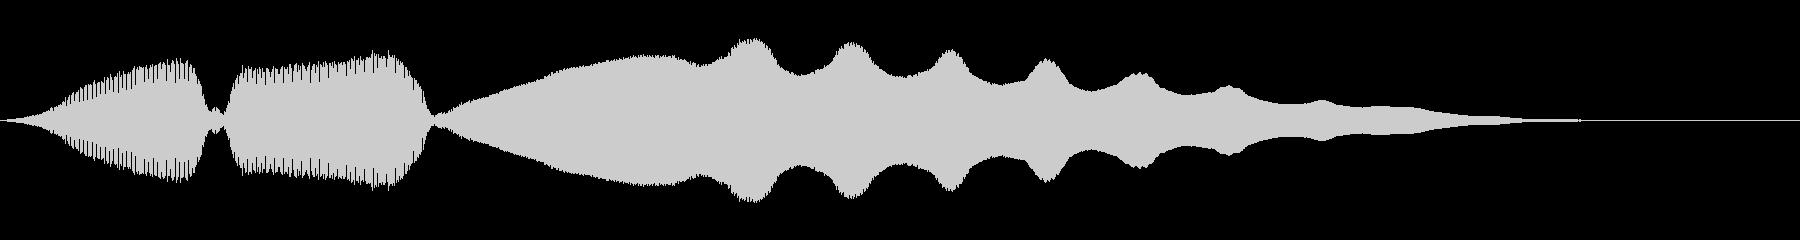 ハーモニカ:ラストポストイントロ、...の未再生の波形